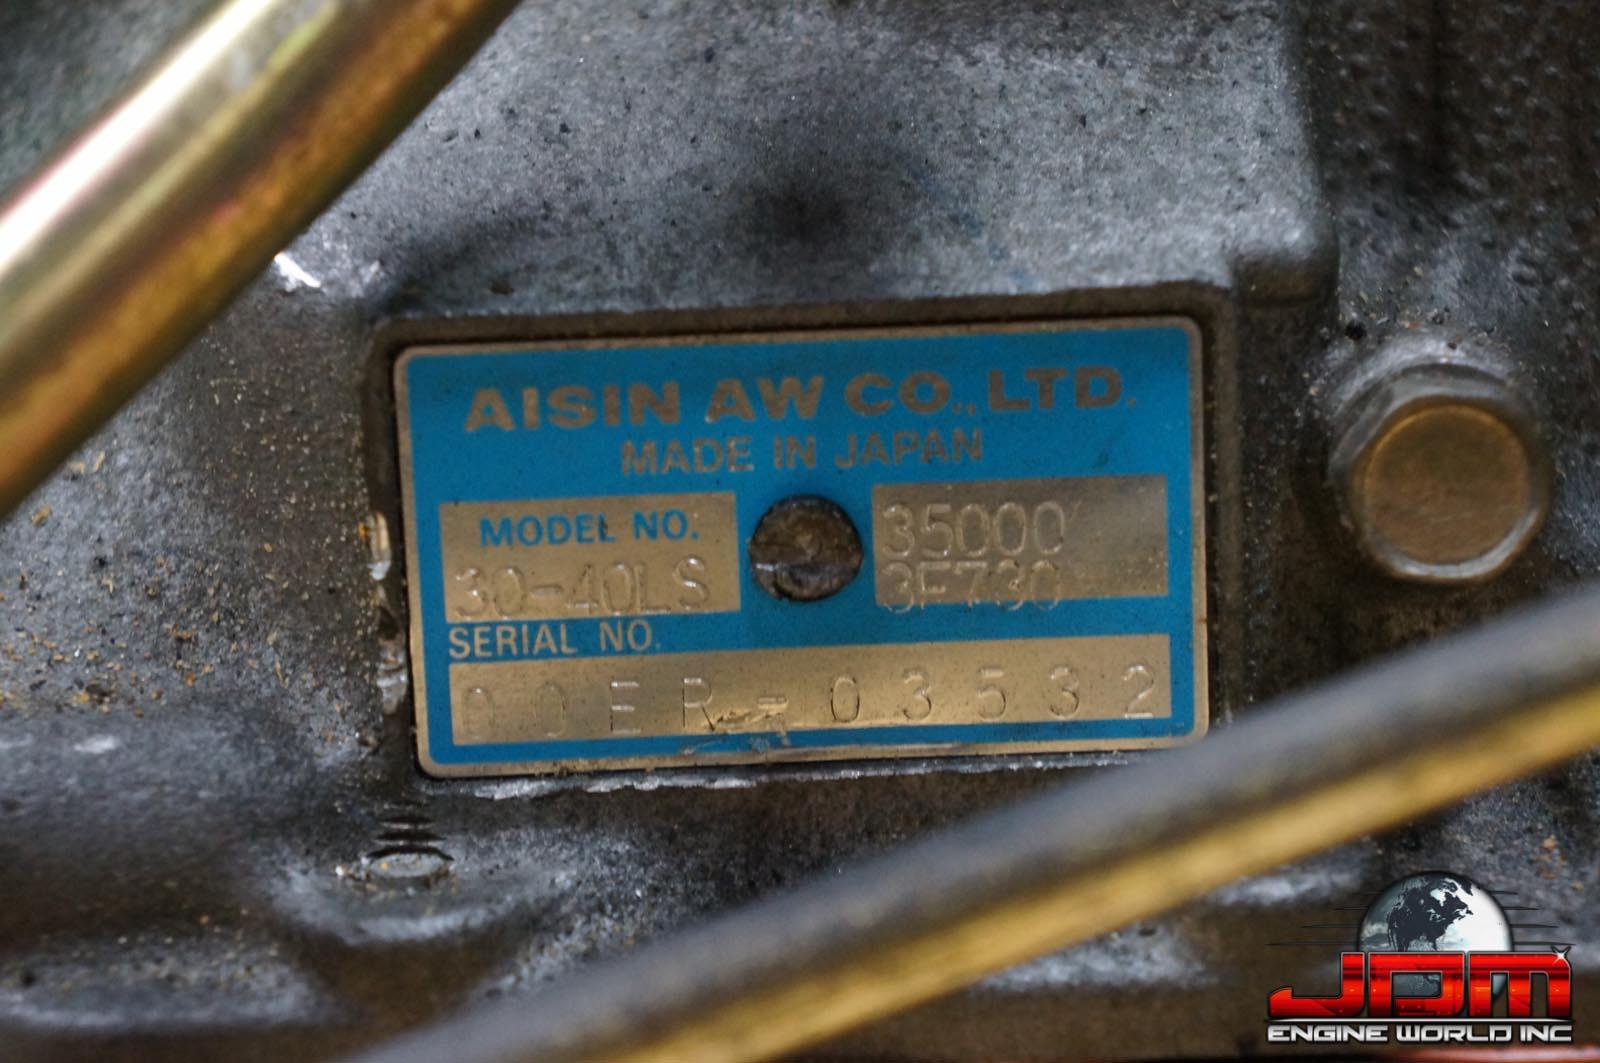 JDM 1JZ-GTE VVTi AUTOMATIC TRANSMISSION